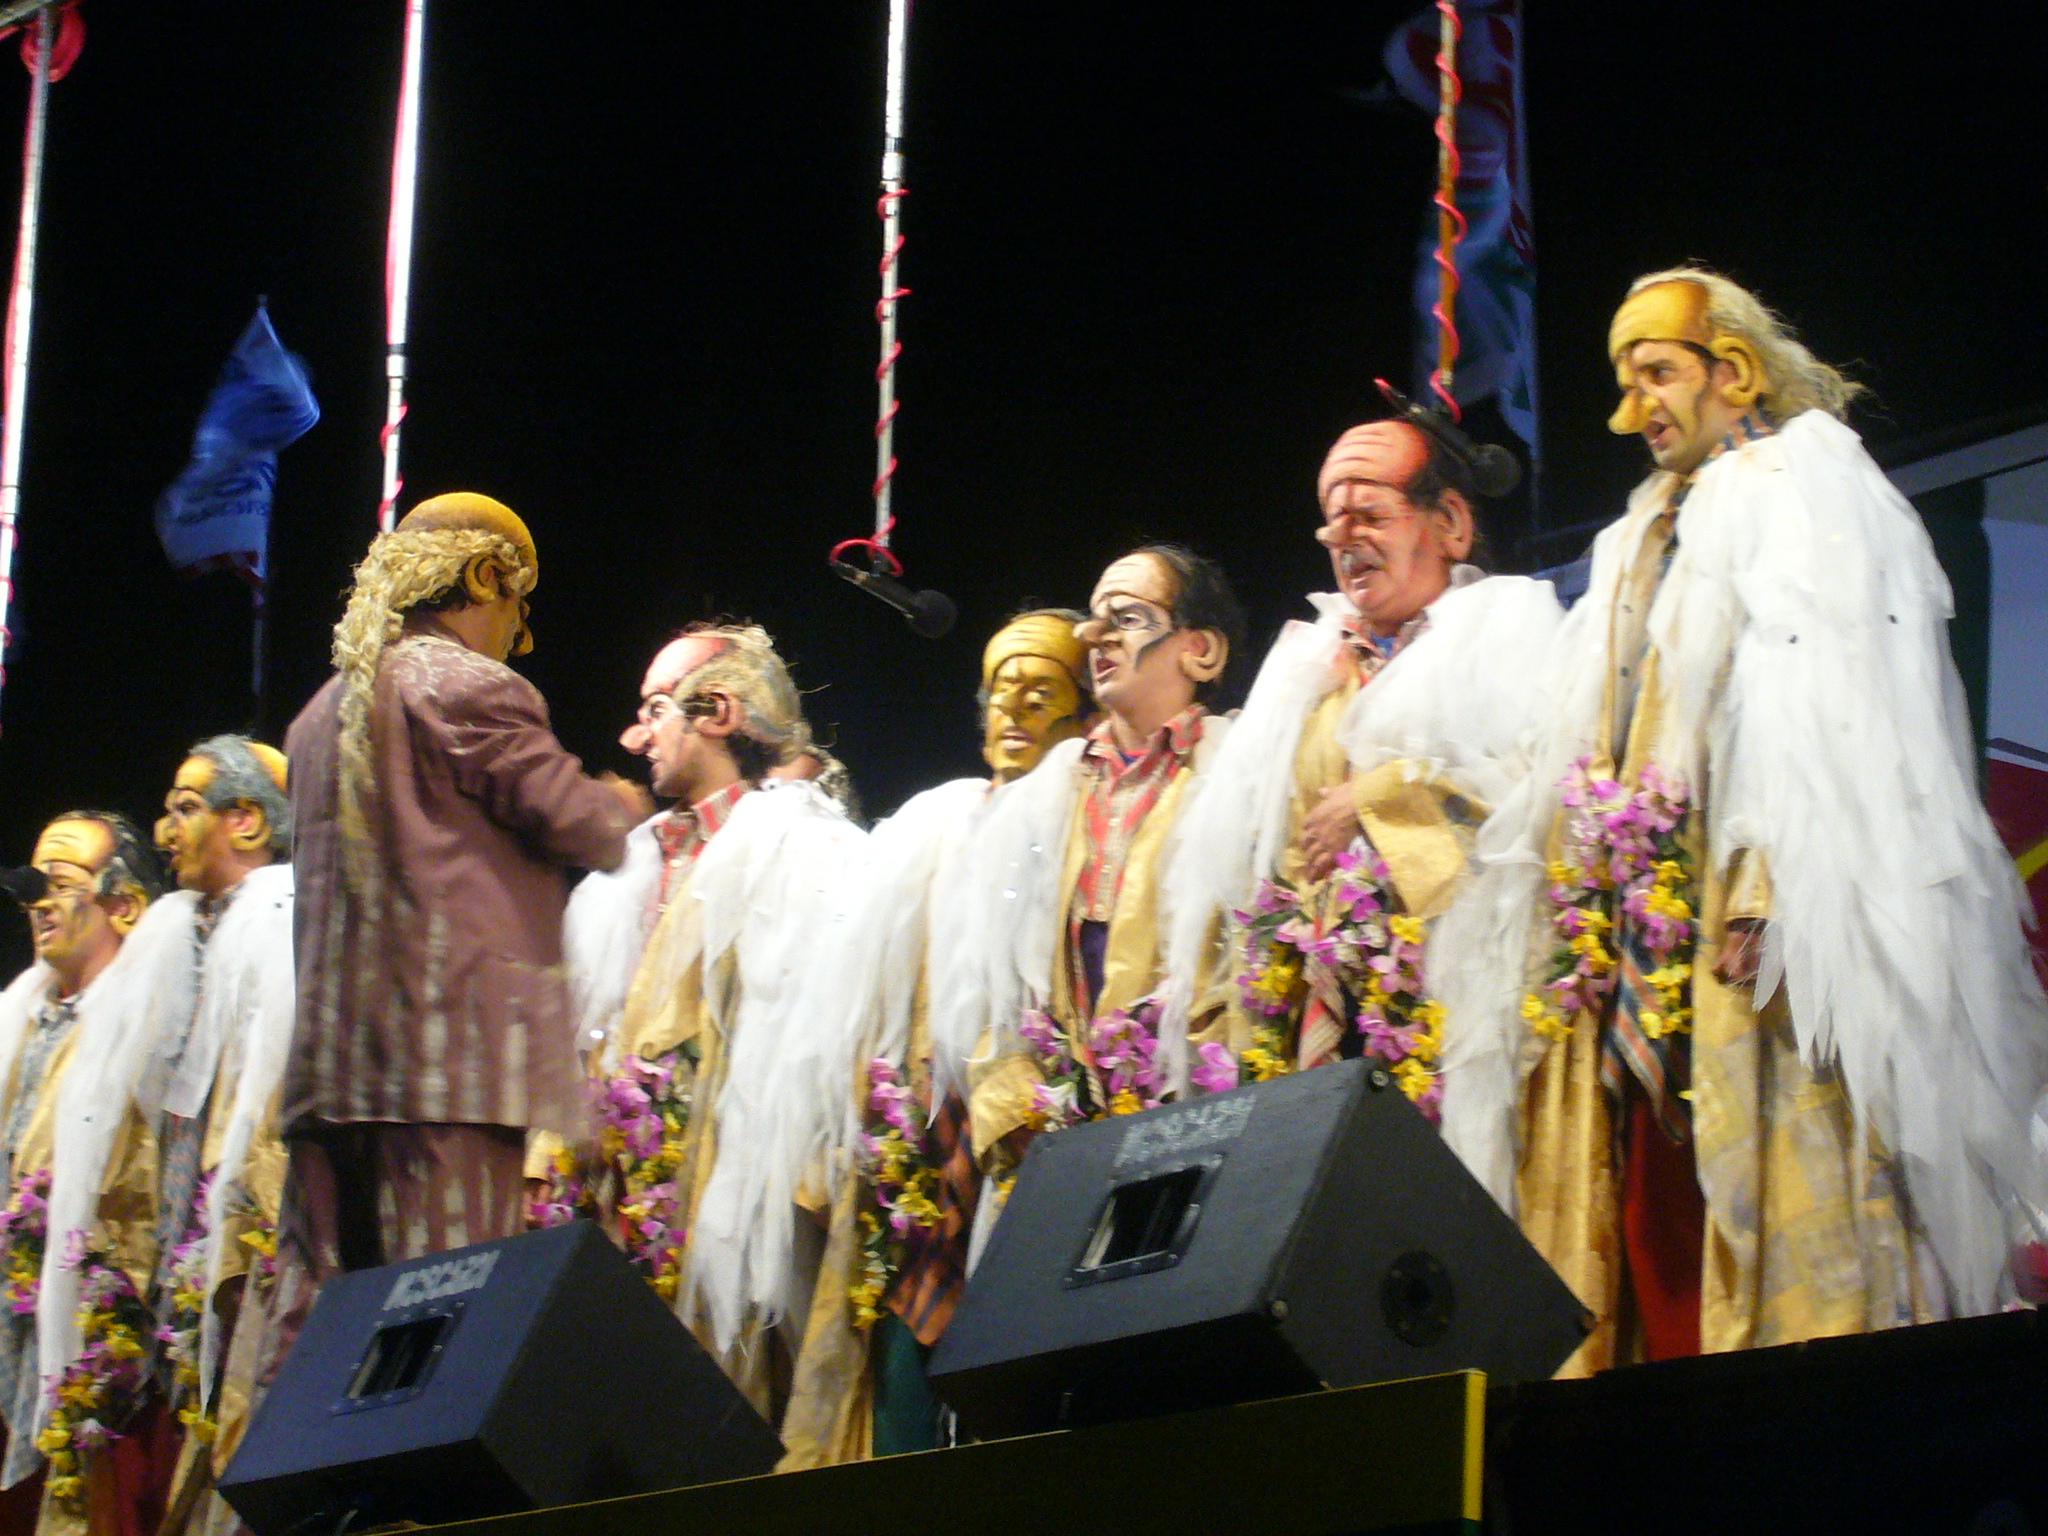 Agarrate Catalina en el carnaval de 2008, murga formada por Tabaré, Yamandú y Tanco en abril de 2001.